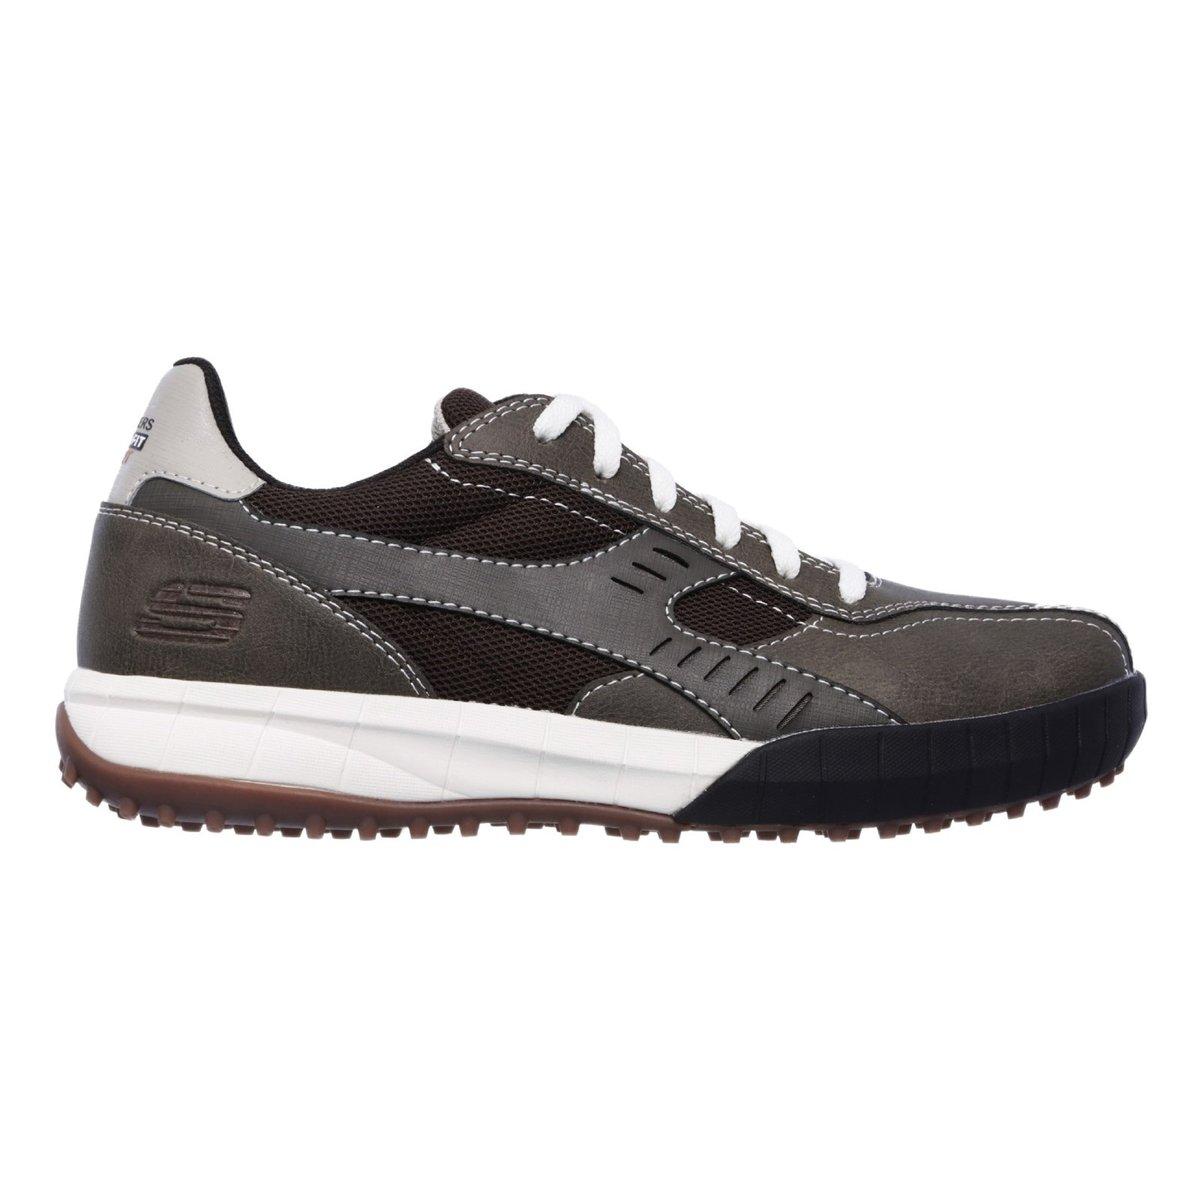 Skechers-Zapatillas-de-cuero-con-cordones-modelo-Floater-2-0-para-FS5178 miniatura 8